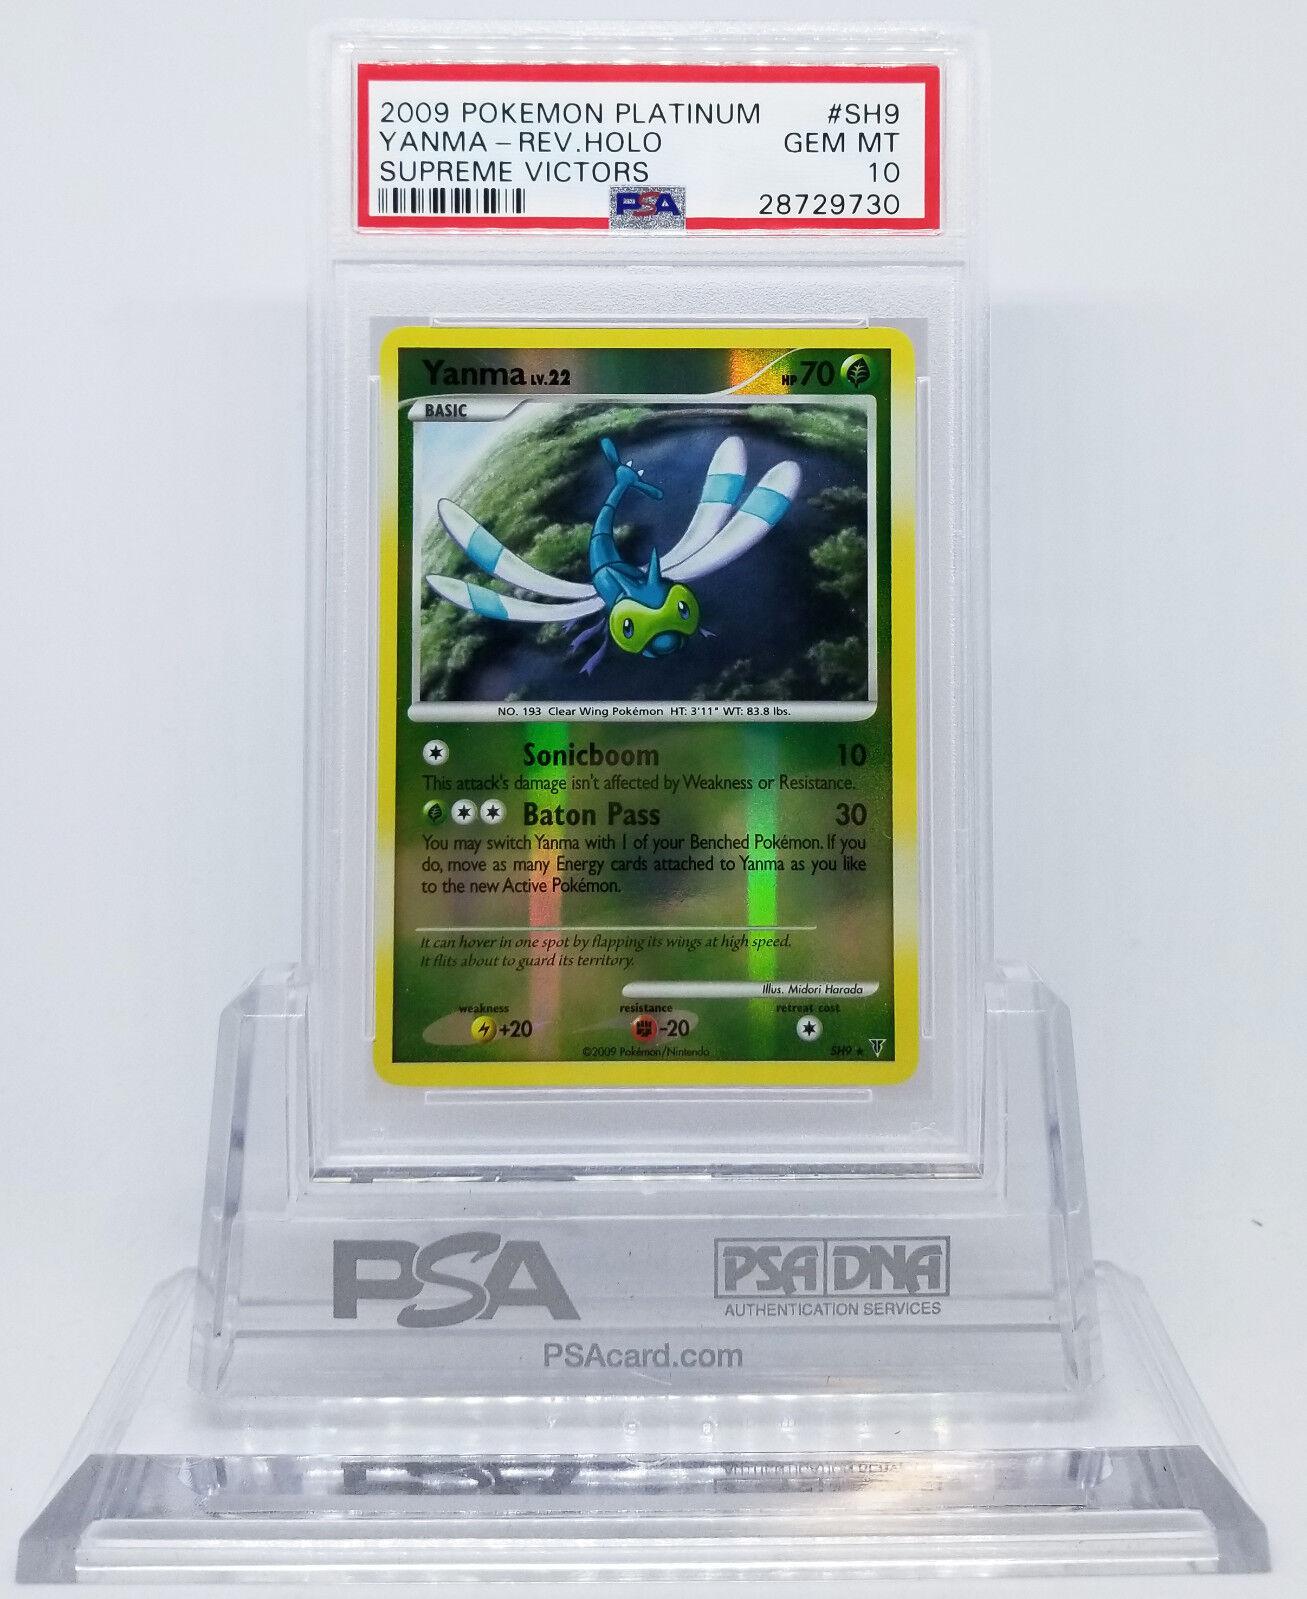 Pokemon SUPREME VICTORS YANMA SH9 REVERSE REVERSE REVERSE HOLO SECRET RARE CARD PSA 10 GEM MINT eb71b7